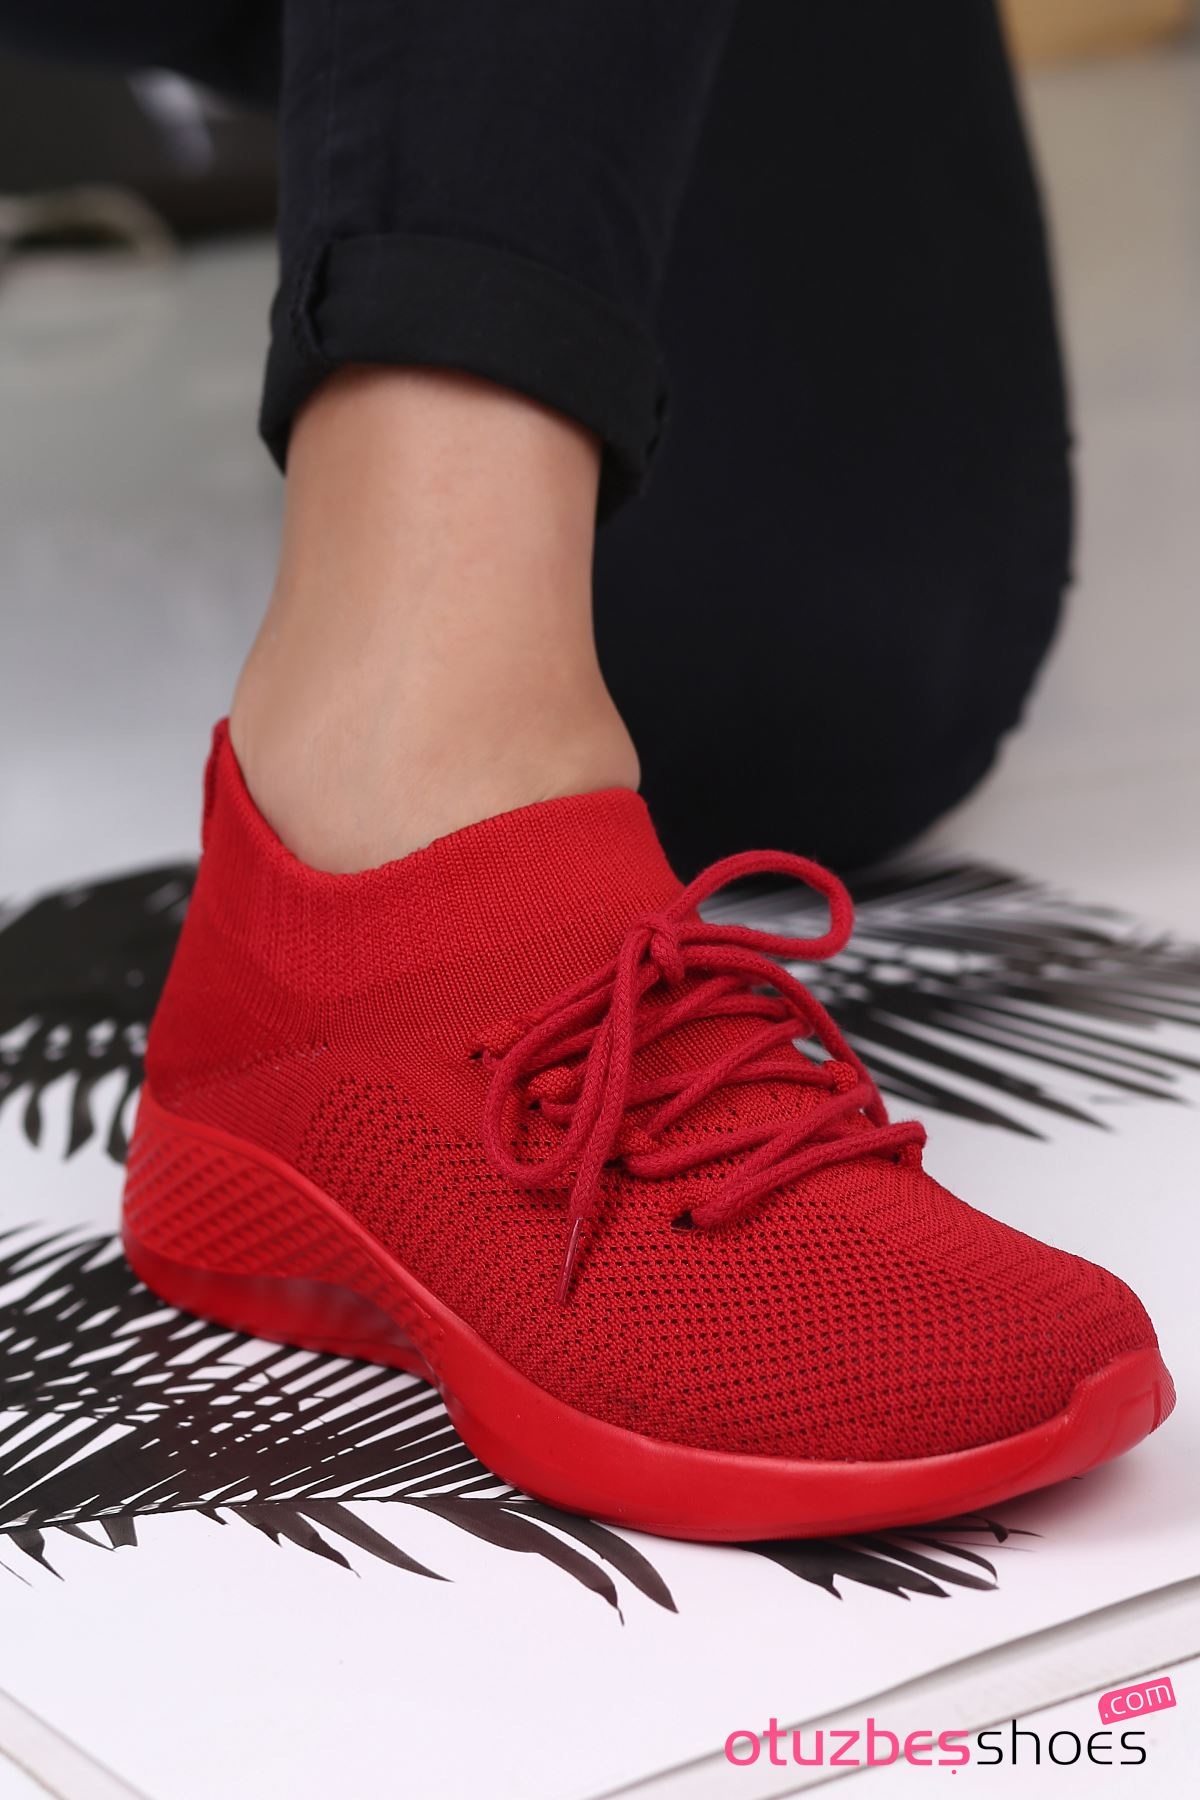 Pops Çelik Örgü Bağcık Detay Triko Kadın Spor Ayakkabı Kırmızı